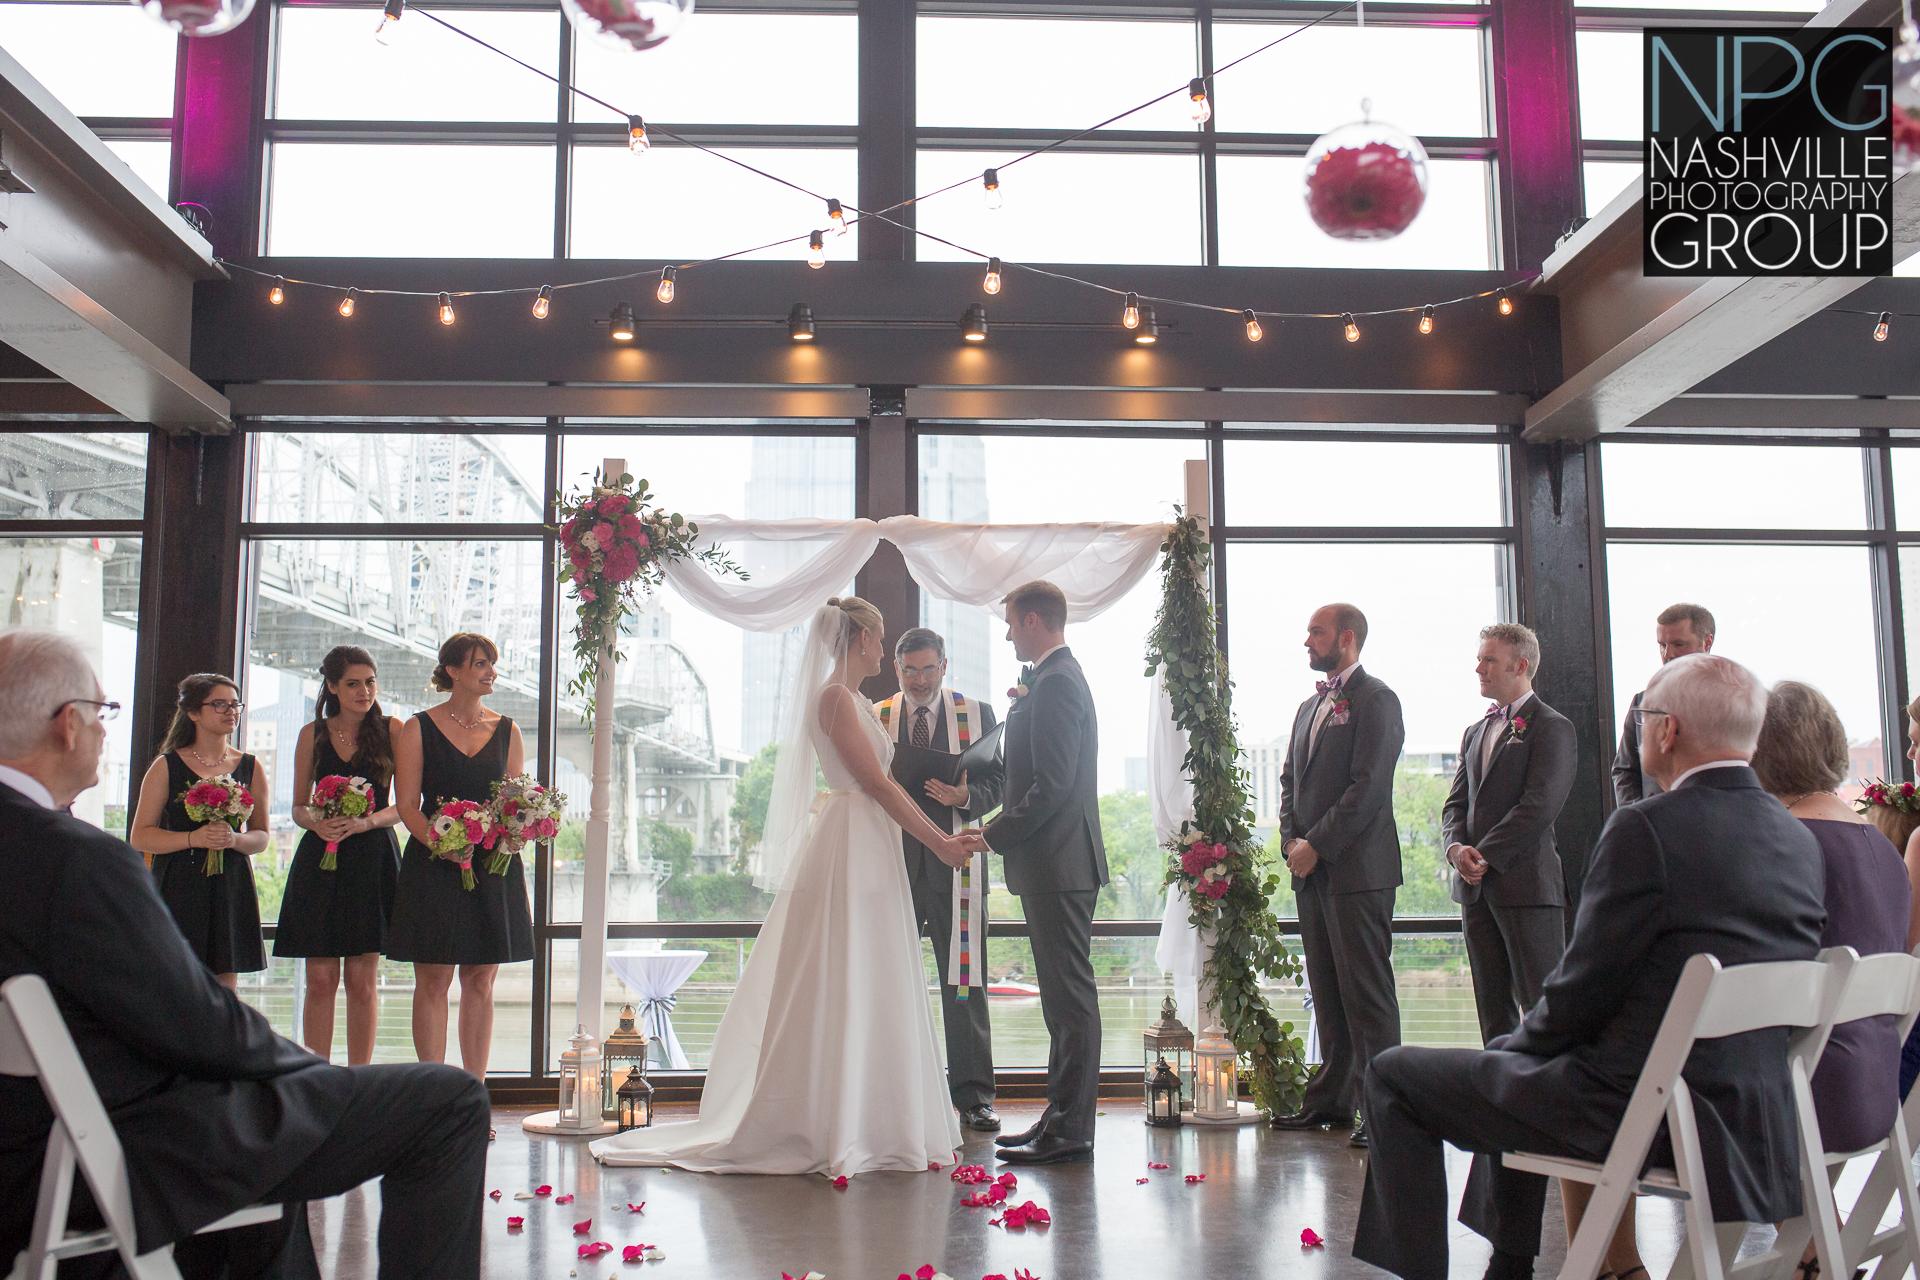 Nashville Photography Group - wedding photographers (2 of 3).jpg